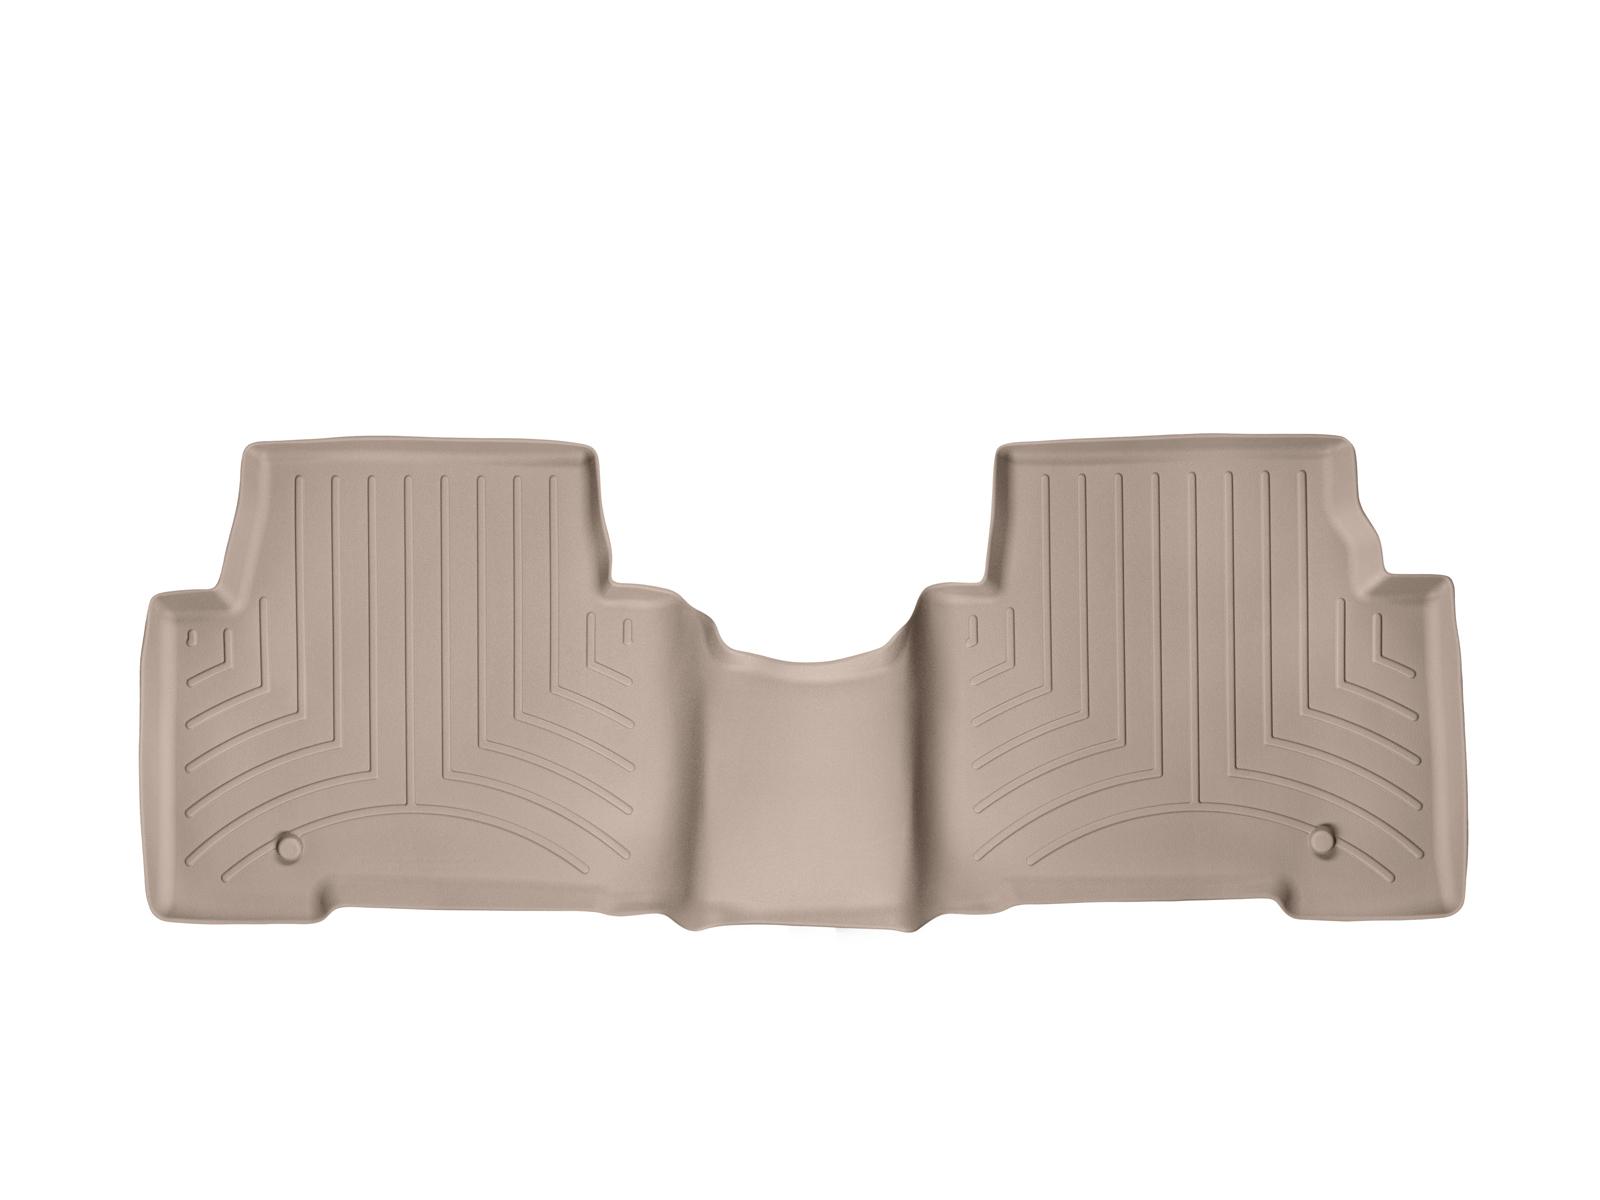 Tappeti gomma su misura bordo alto Hyundai Santa Fe 12>12 Marrone A1485